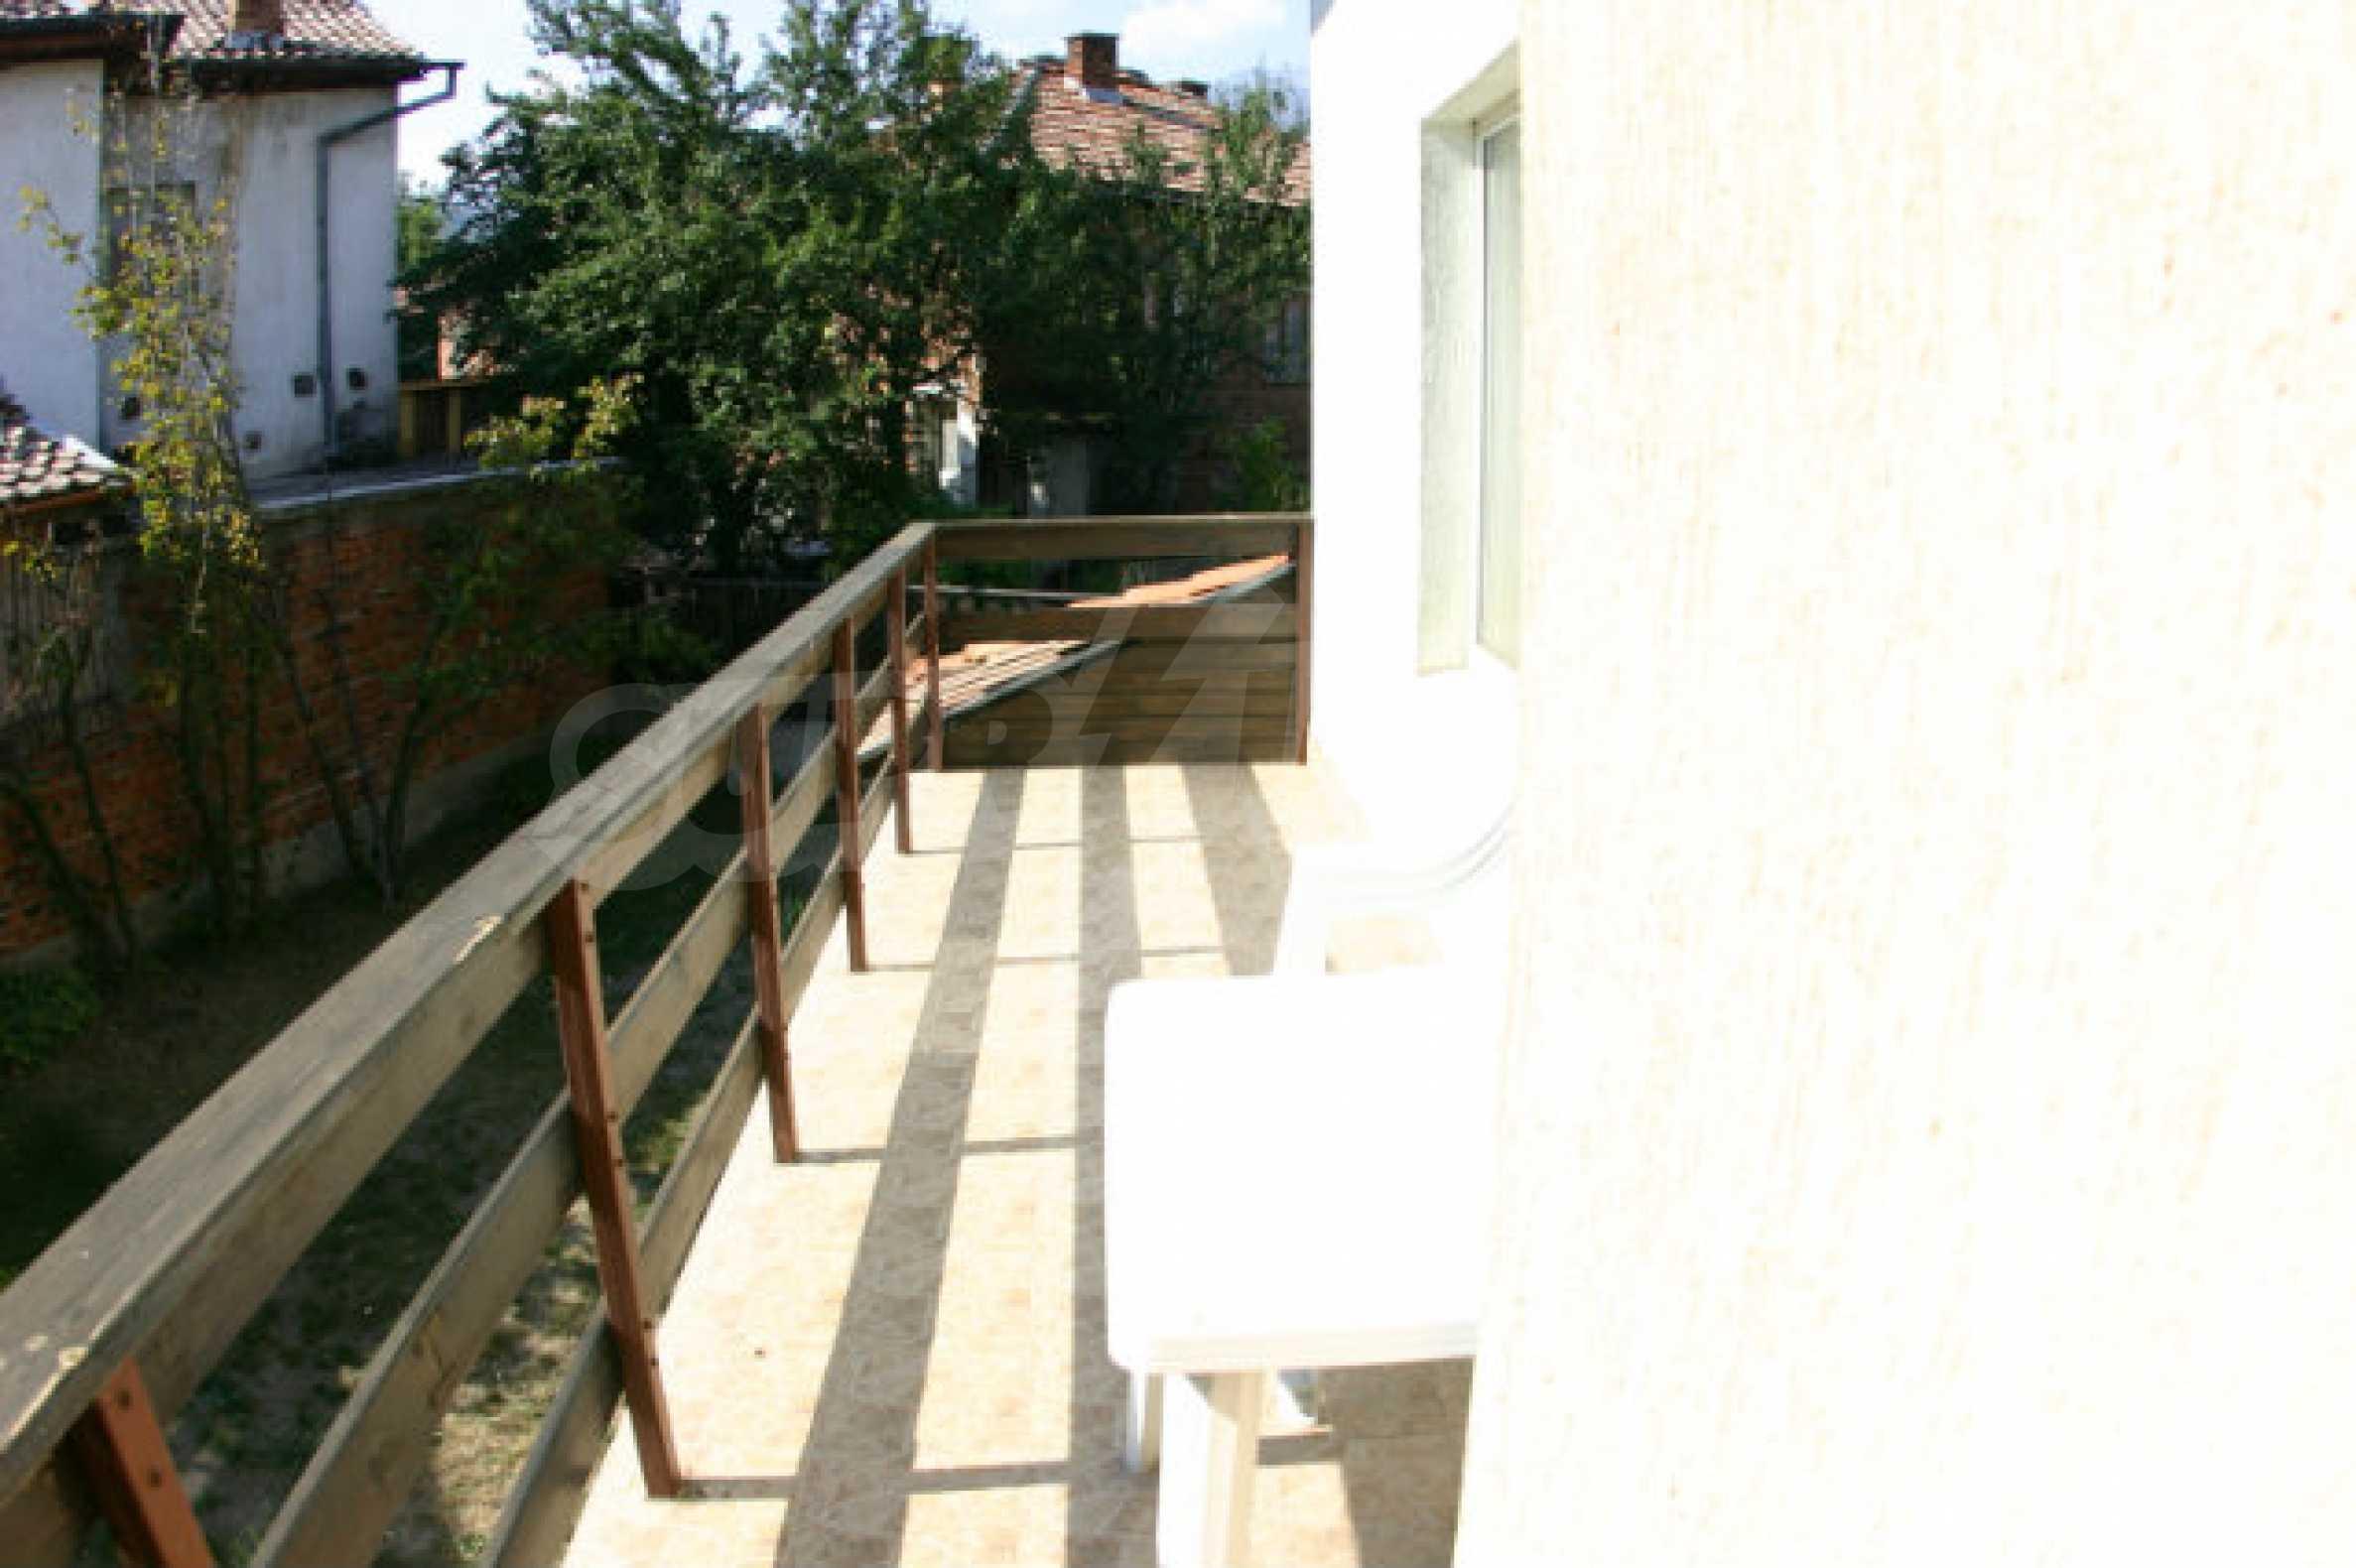 Familienhotel zum Verkauf in Dobrinischte, 6 km von Bansko entfernt 22